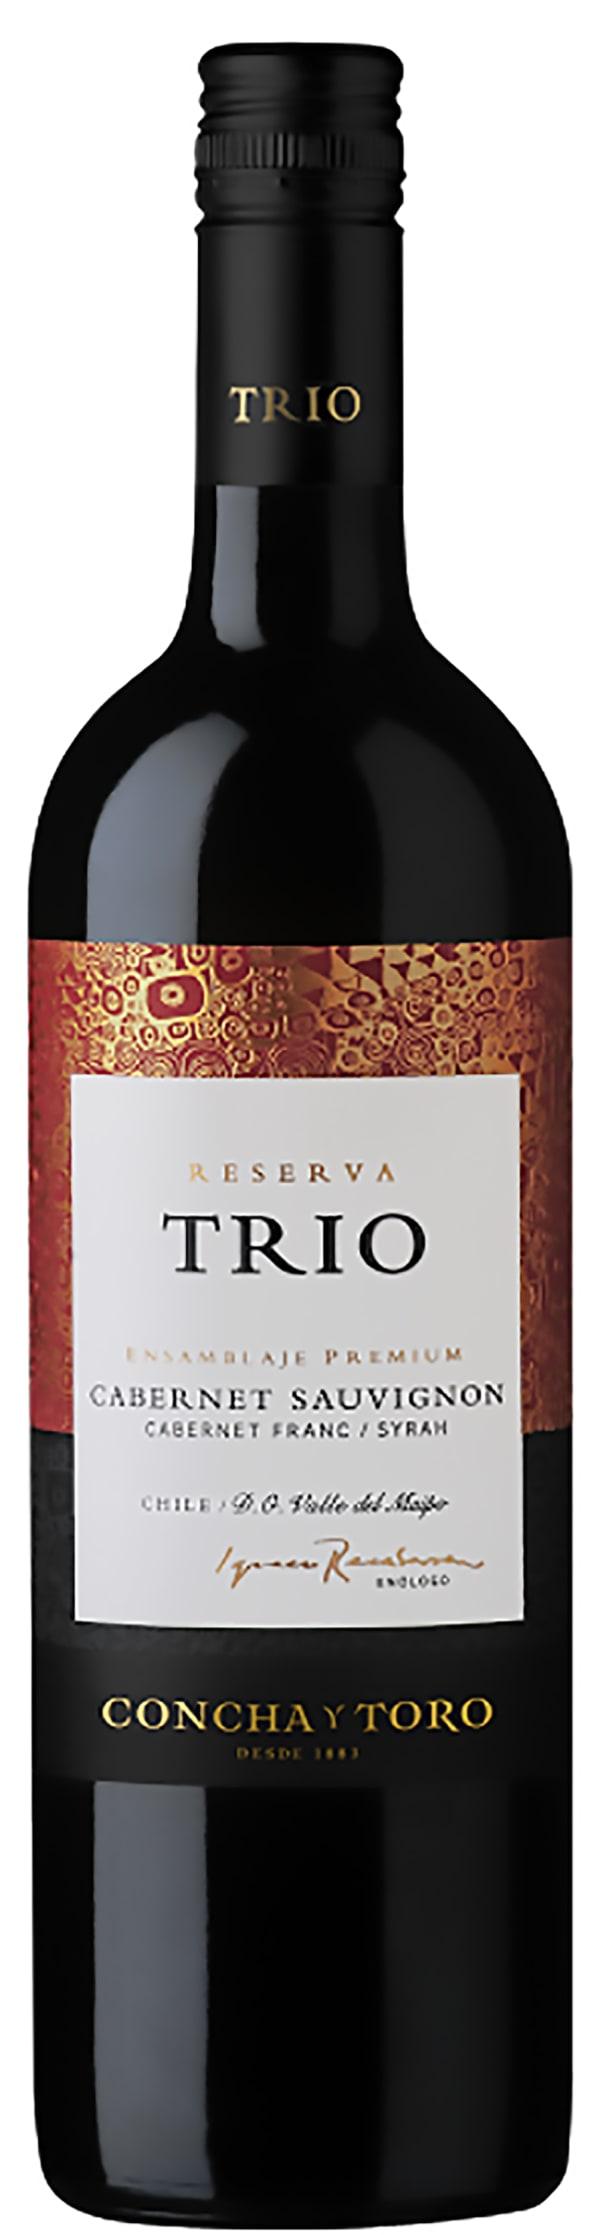 Trio Cabernet Sauvignon Cabernet Franc Syrah 2015